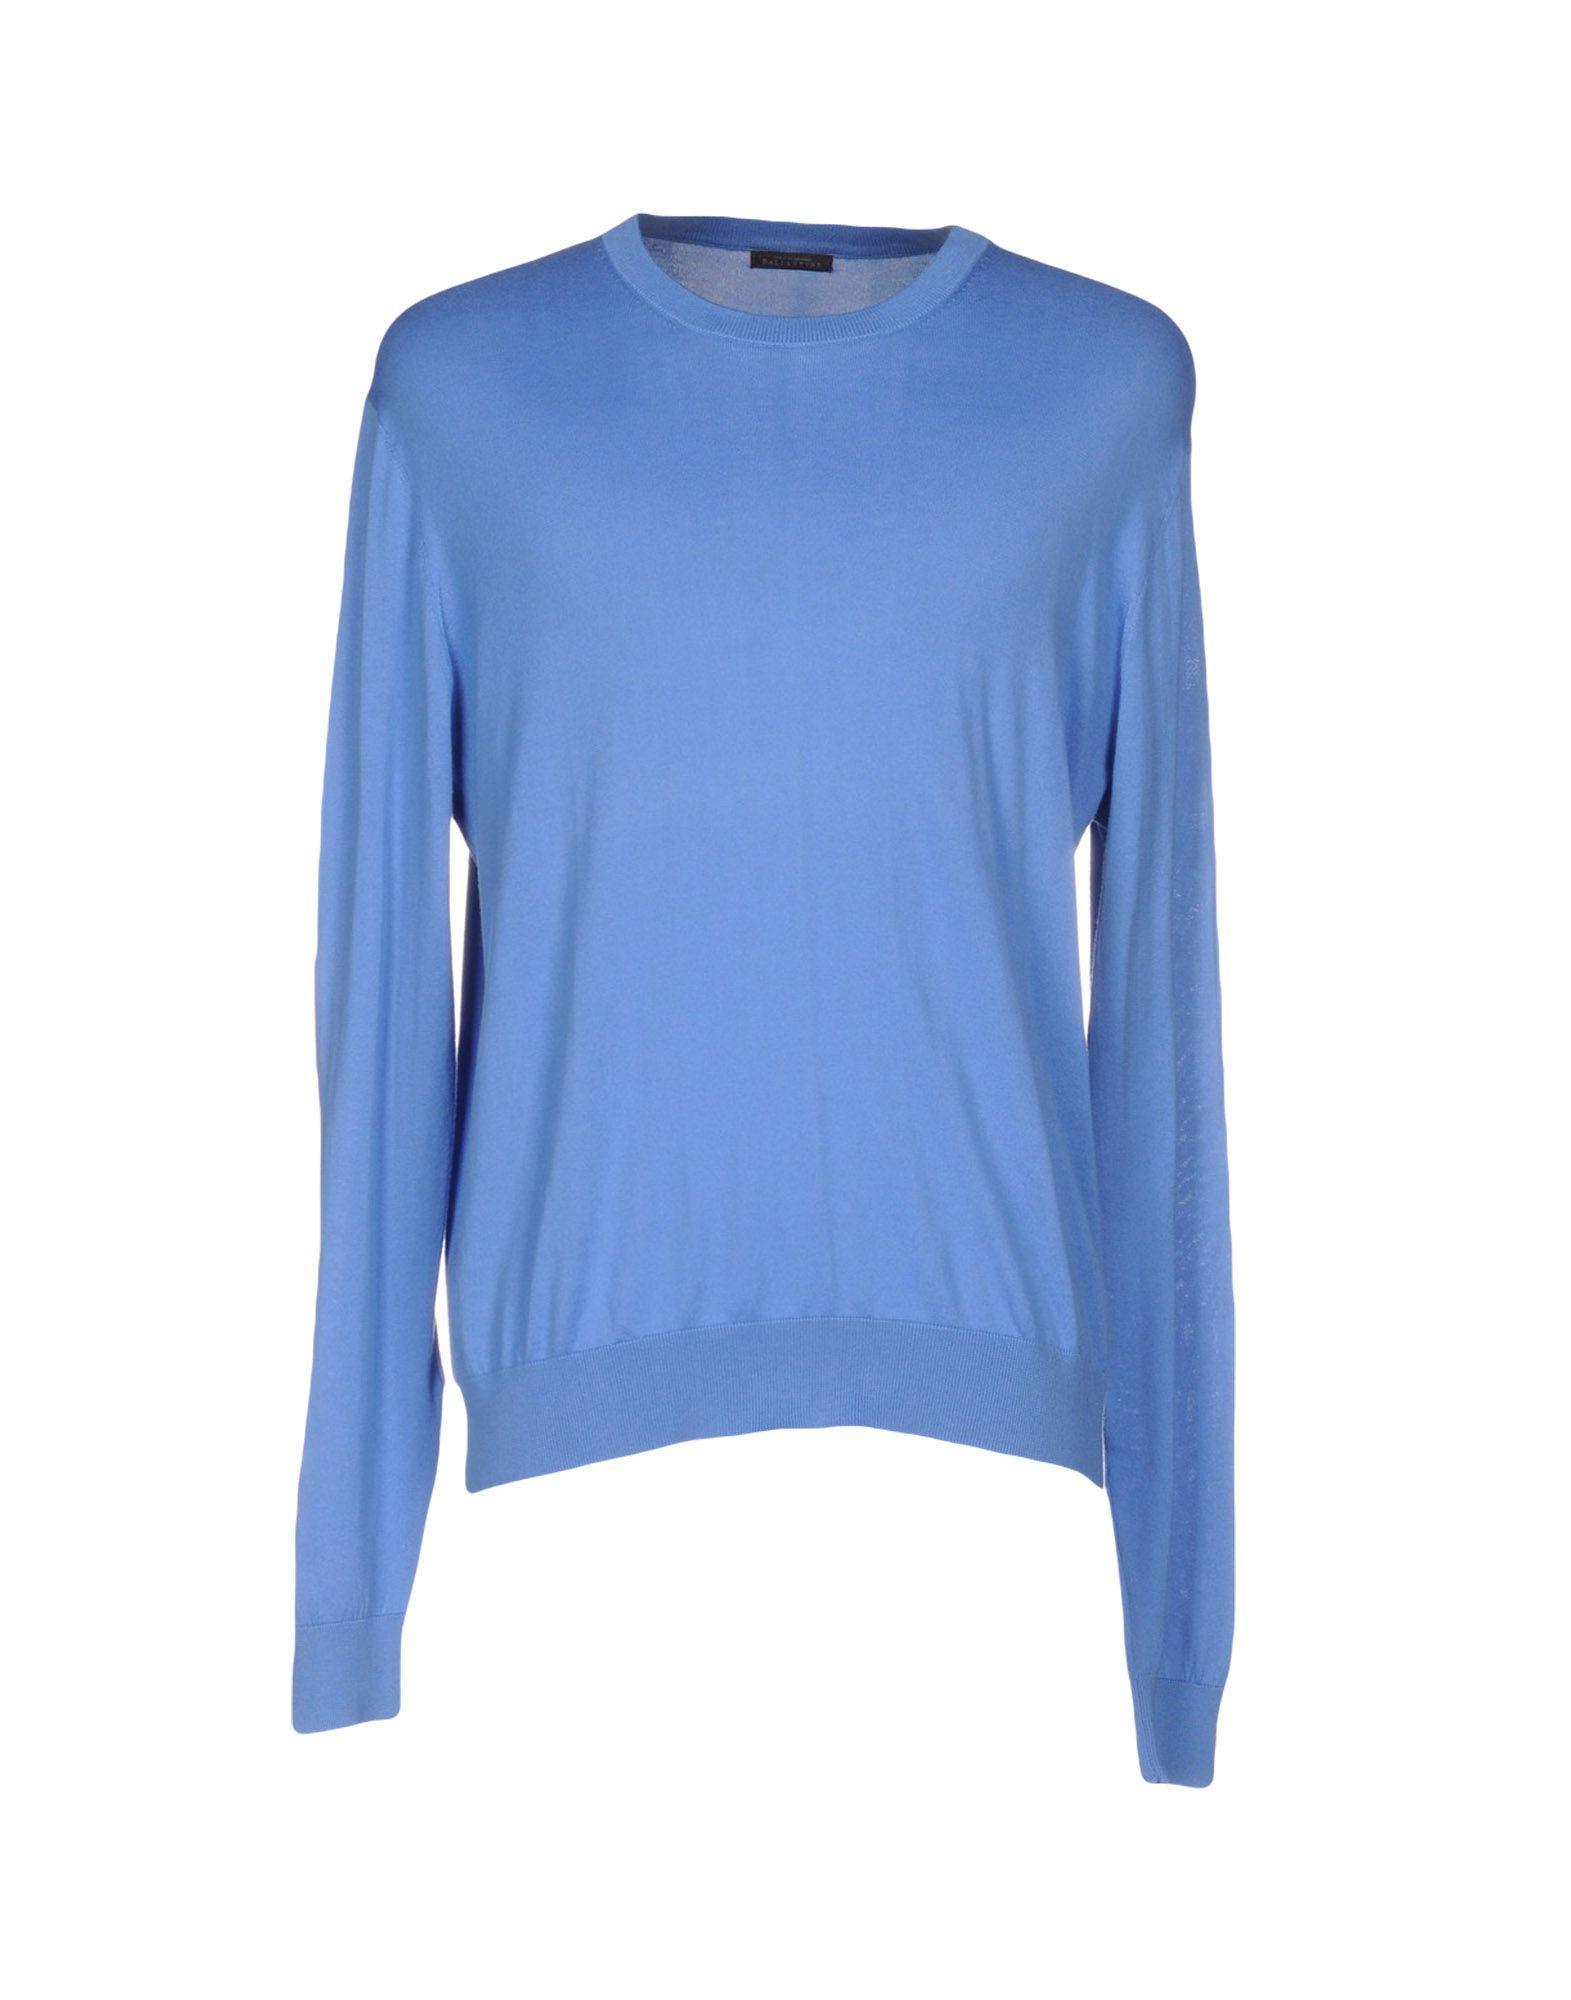 Ballantyne Sweaters In Pastel Blue